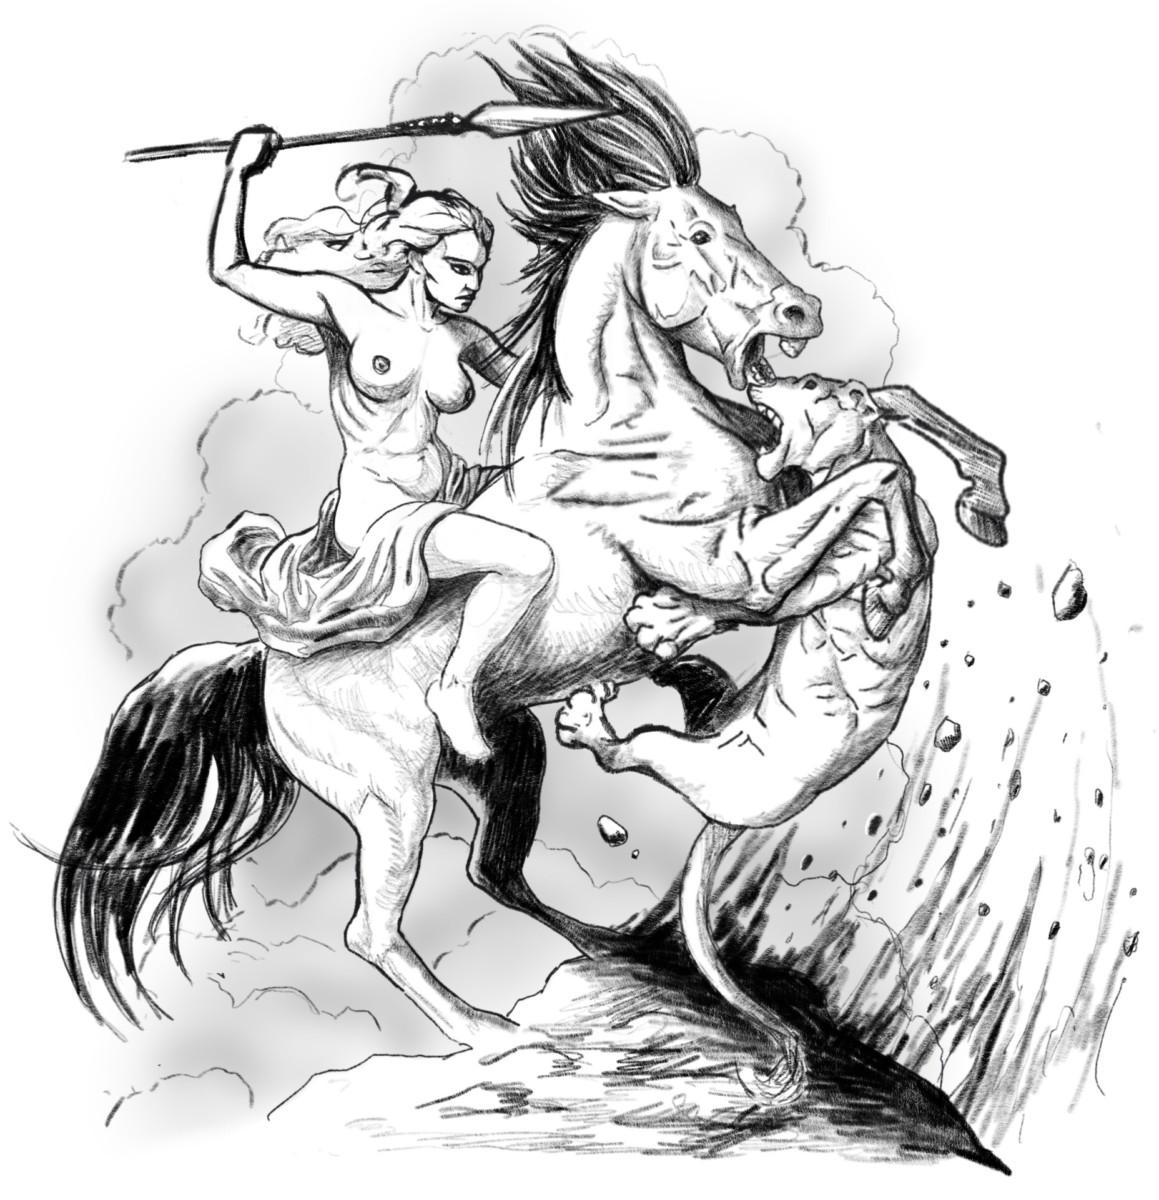 Mythology and Fantasy